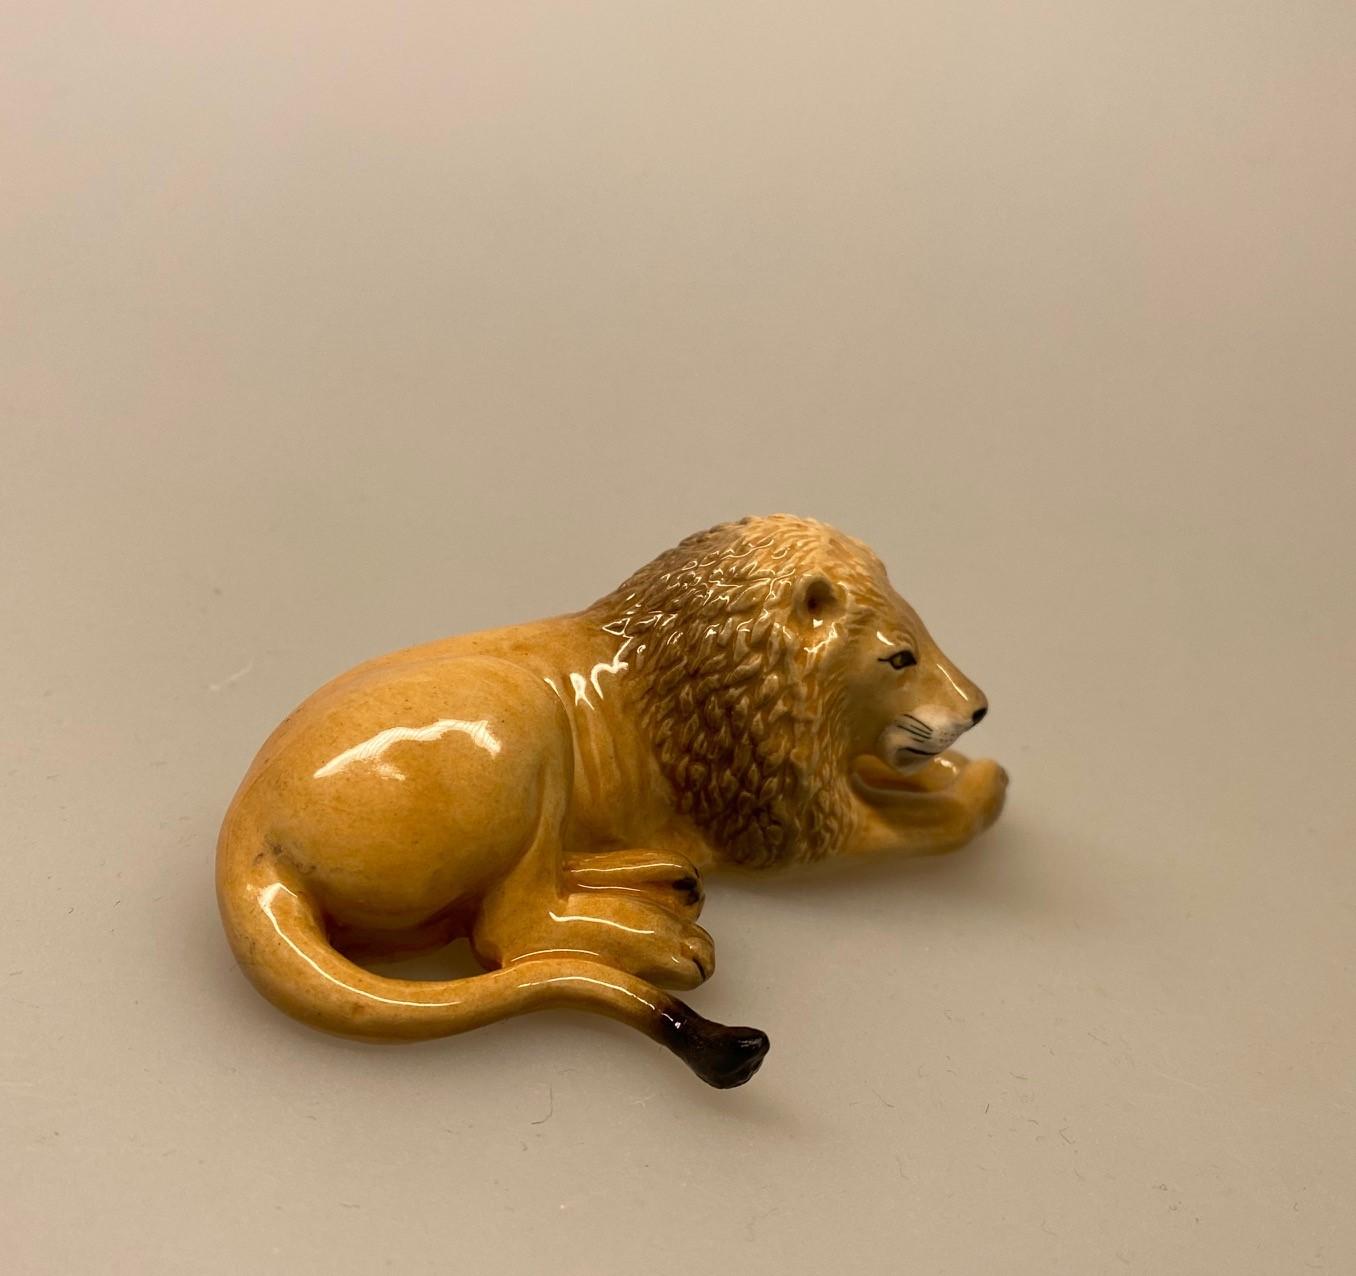 Løve Figur porcelæn , porcelænsdyr, porcelænsløve, porcelænsfigur, porcelænsfigurer, løvefigur, hanløve, han løve, løvehan, leo, lion, nips, dyrefigur, porcelænsdyr, pynteting, dekoration, sættekasse, sætterkasse, sættekasseting, ting til, sætterkassen, amagerhylden, samler, zoo, zoologisk have, savanne, safari, afrika, mit afrika, karen blixen, storvildt, de store fem, de store 5, biti, ribe